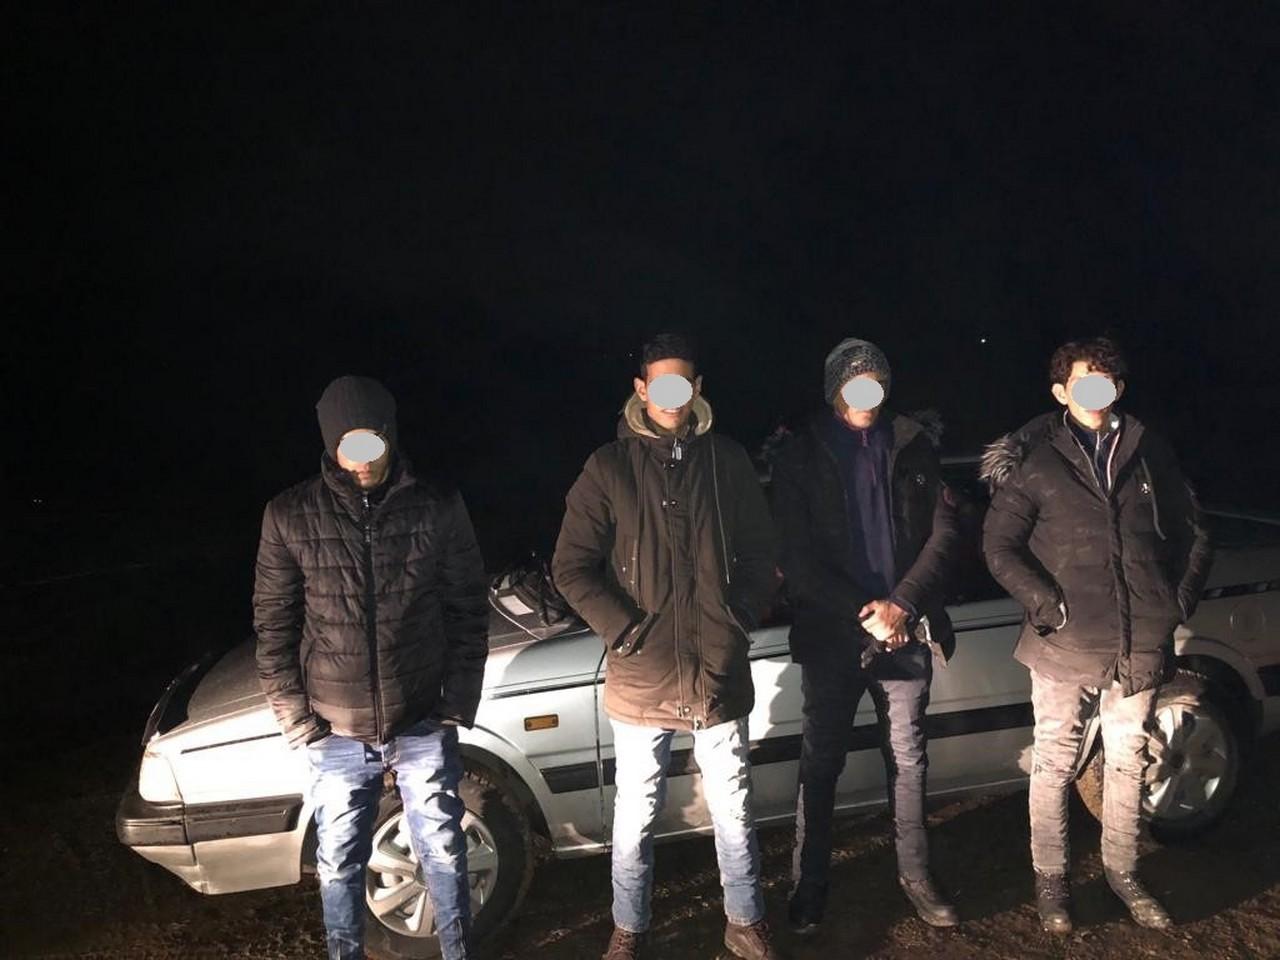 Переховувалися у лісі: прикордонники розповіли, як затримали на Ужгородщині нелегалів із Марокко